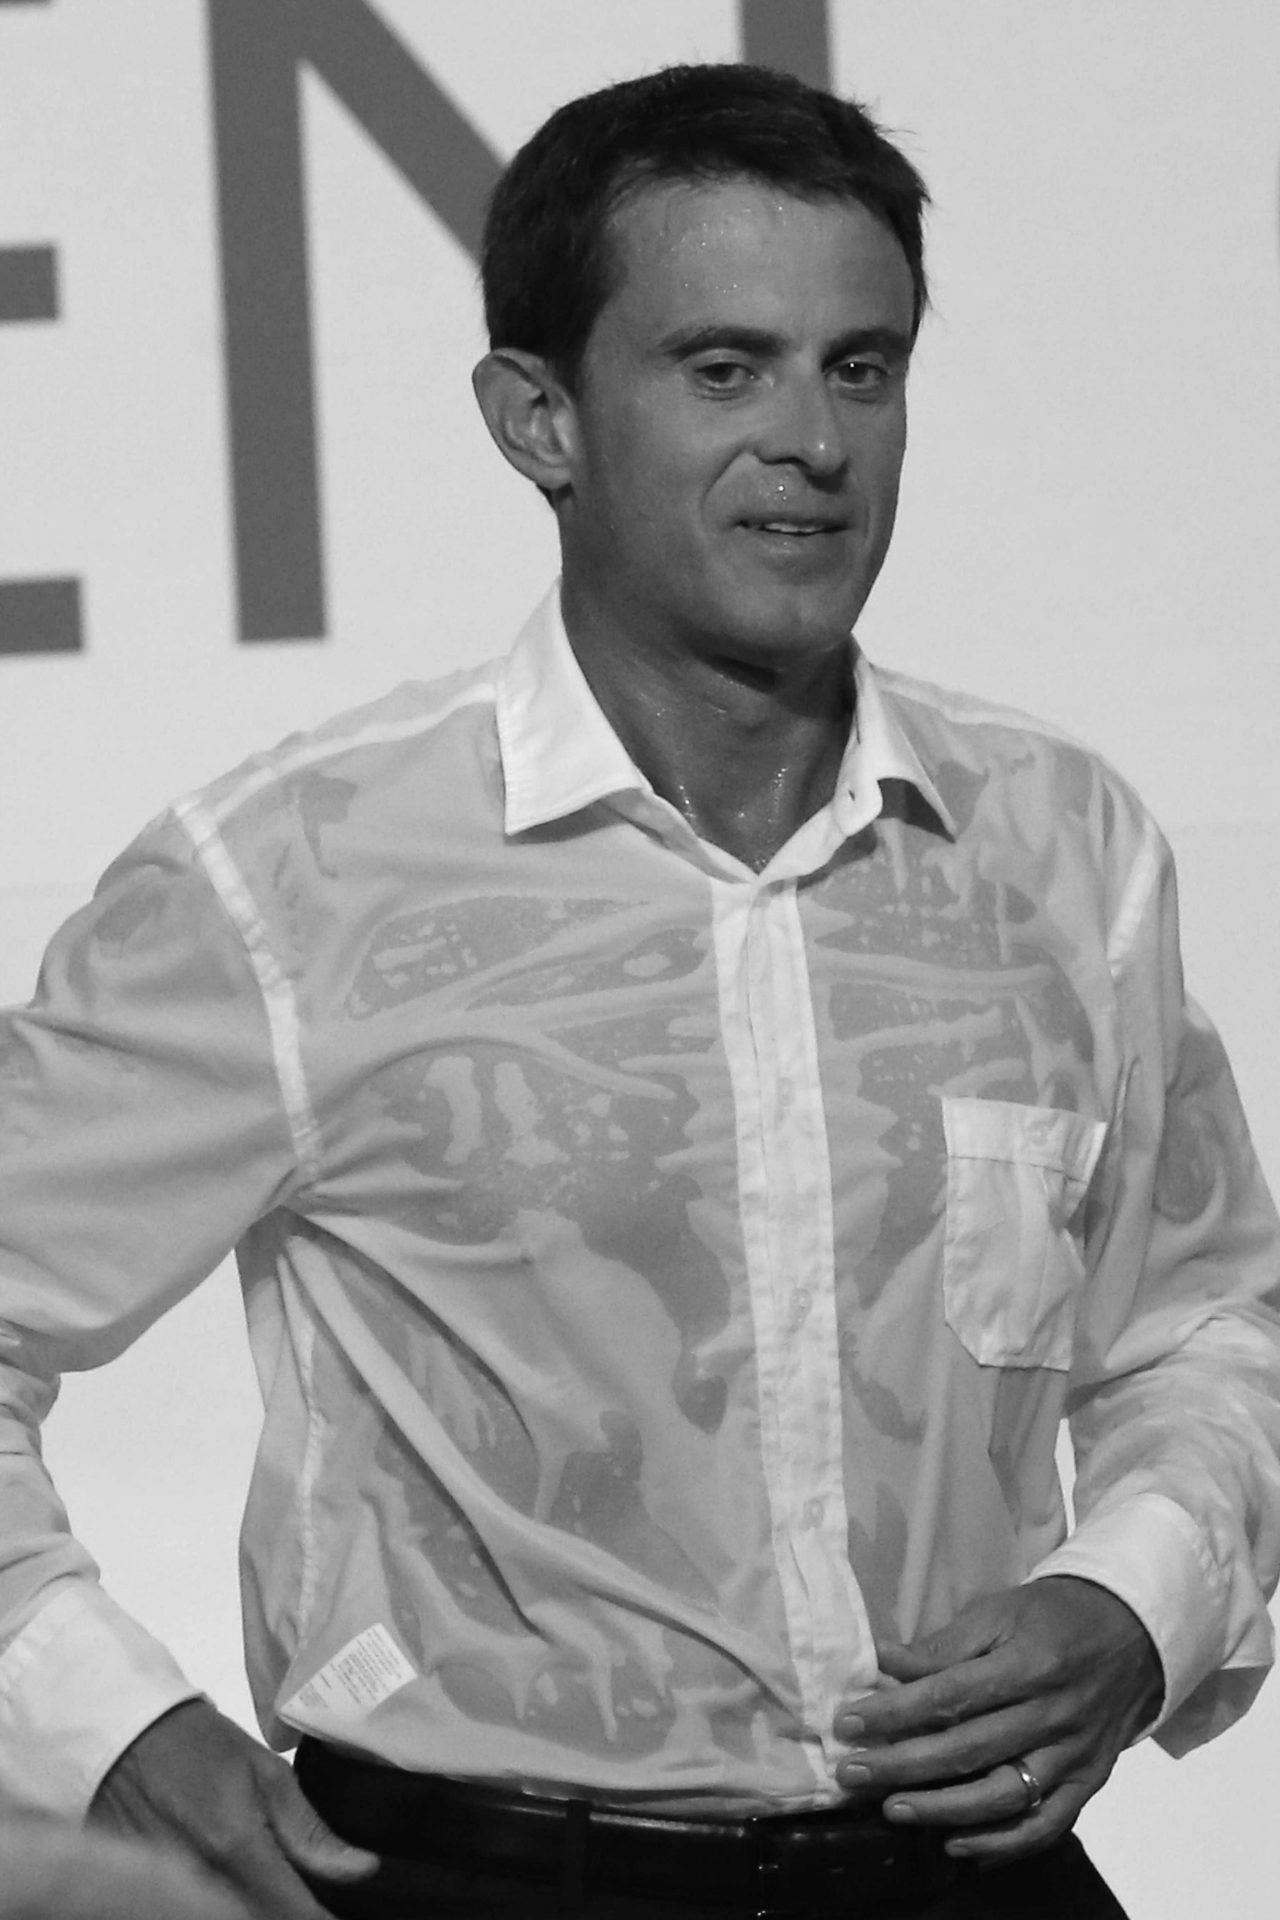 Chemise Manuel Valls noir et blanc